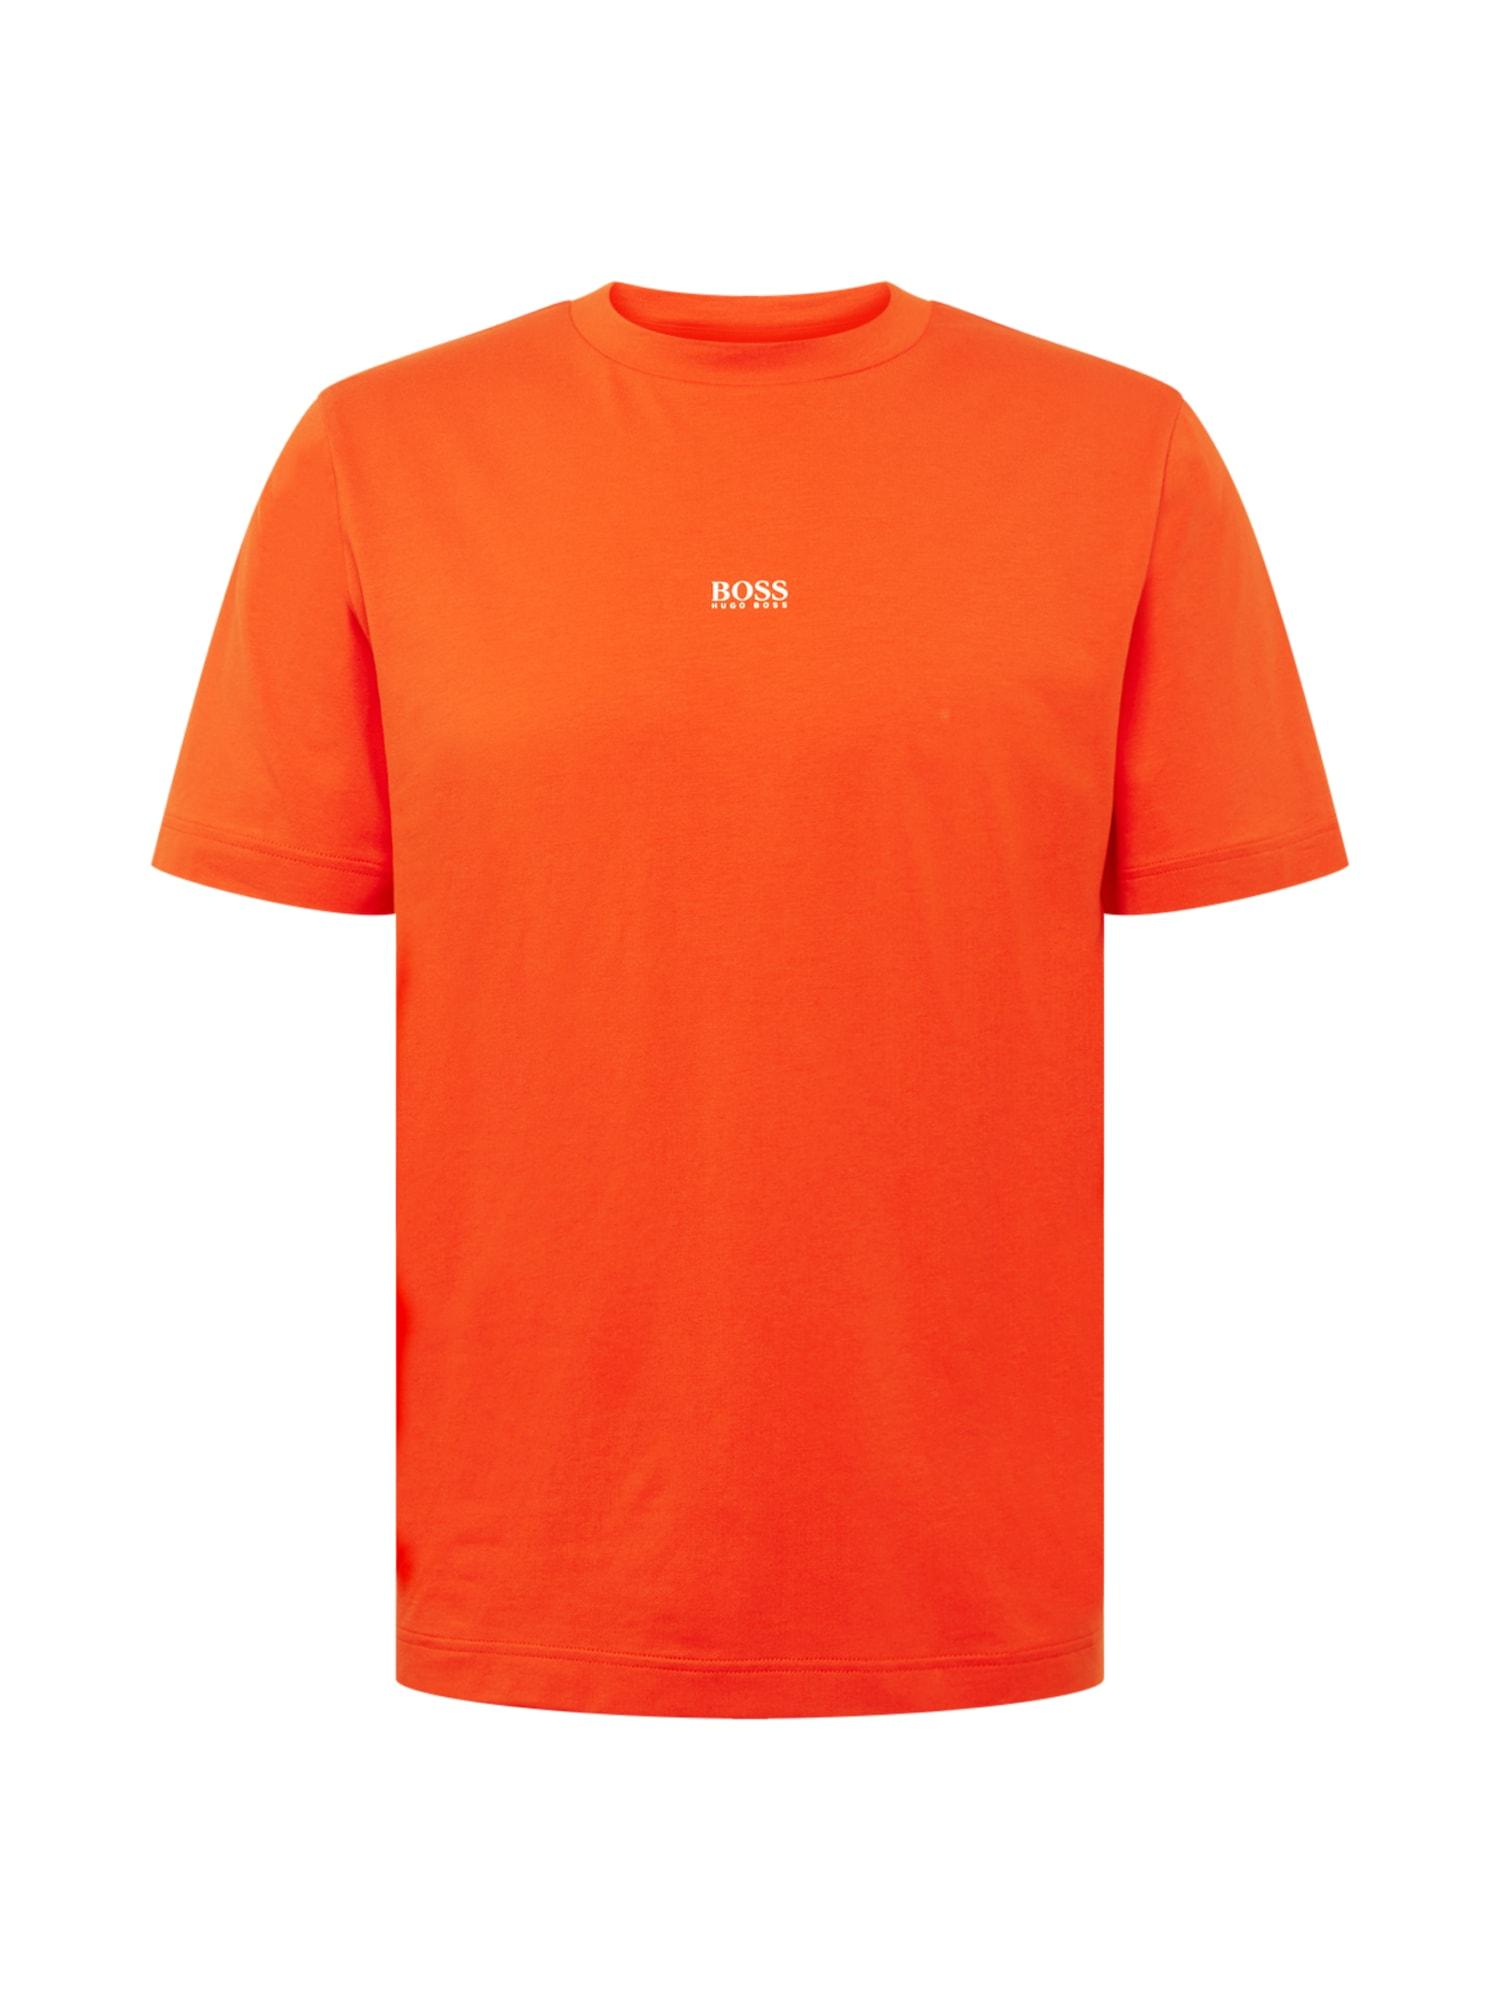 Tričko TChup 10216254 01 tmavě oranžová BOSS